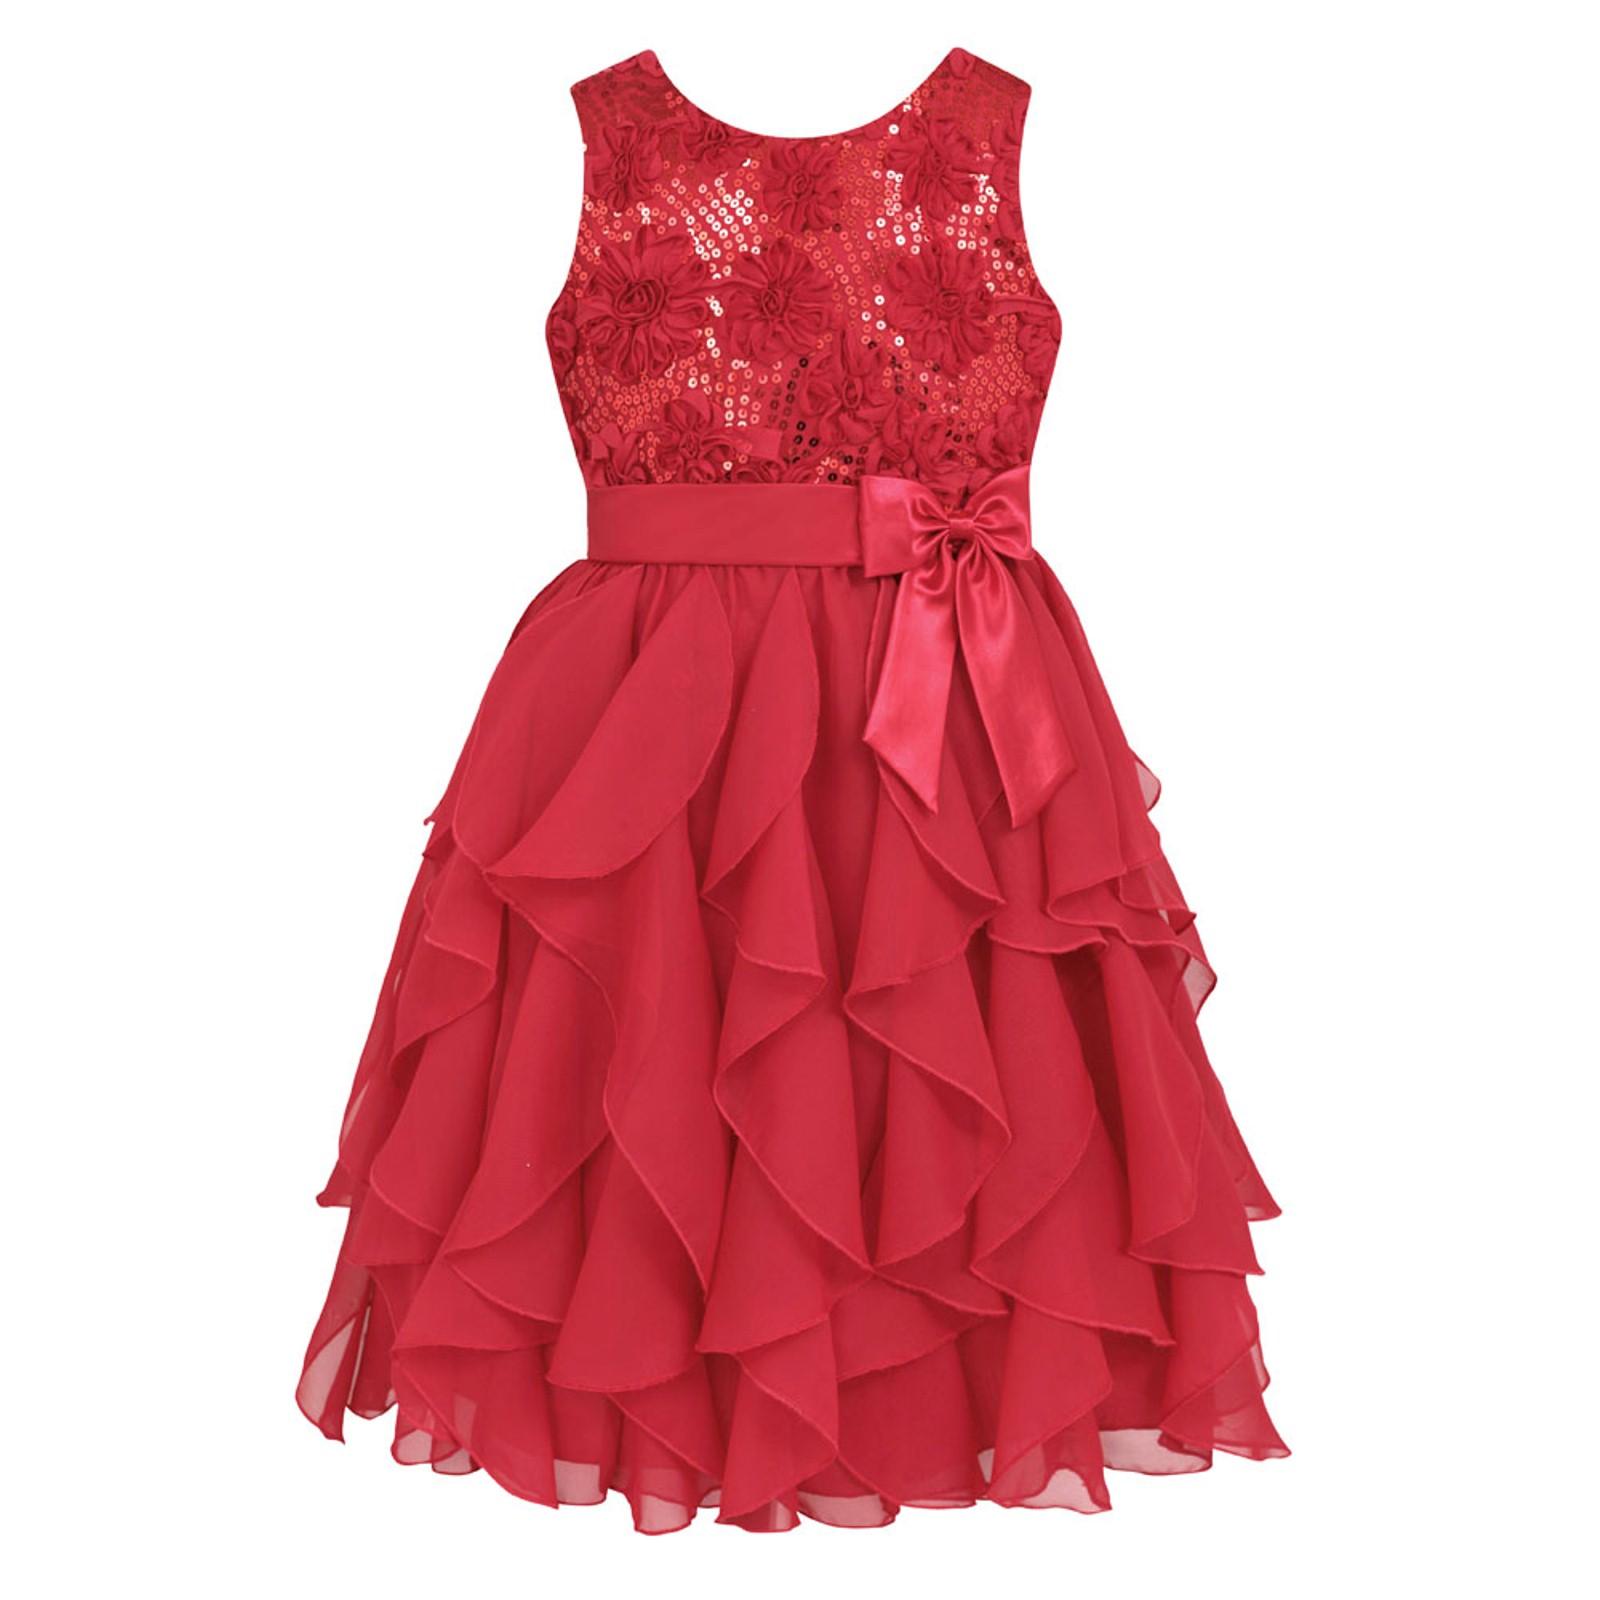 American Princess Girls Sleeveless Waterfall Occasion Dress